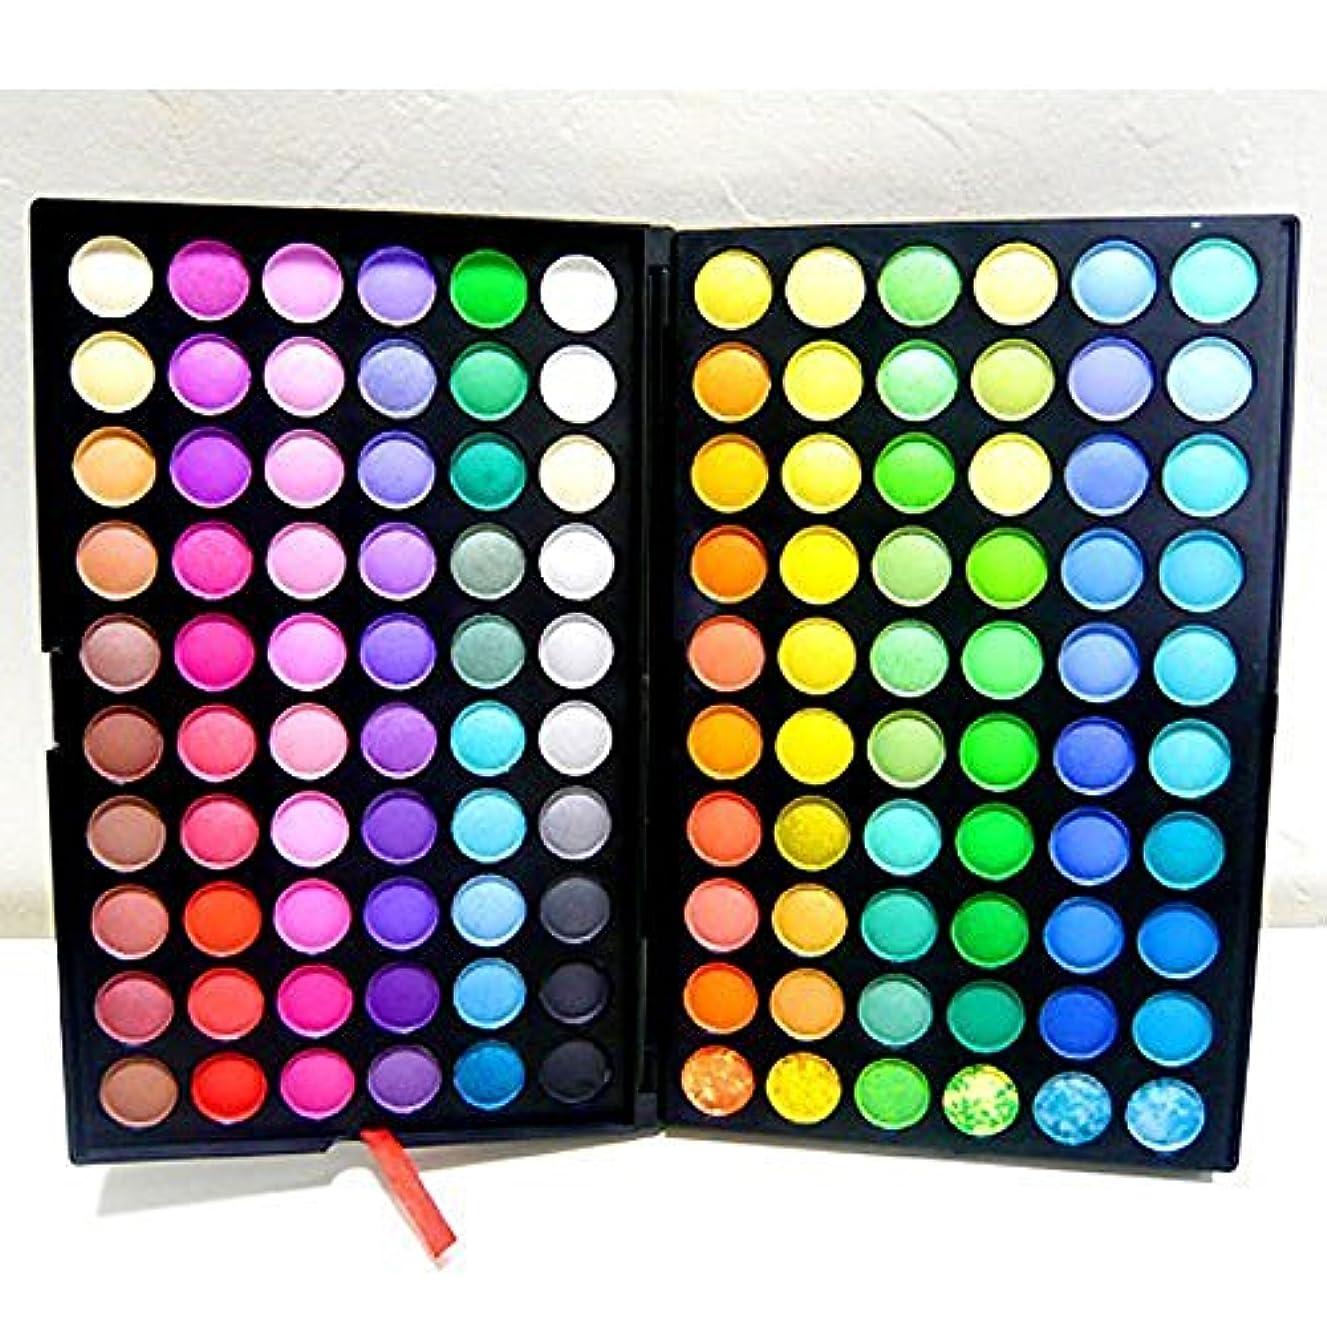 クローン小道具神経衰弱入荷しました【LuxuryRose】発色が素晴らしい!120カラーアイシャドウパレット